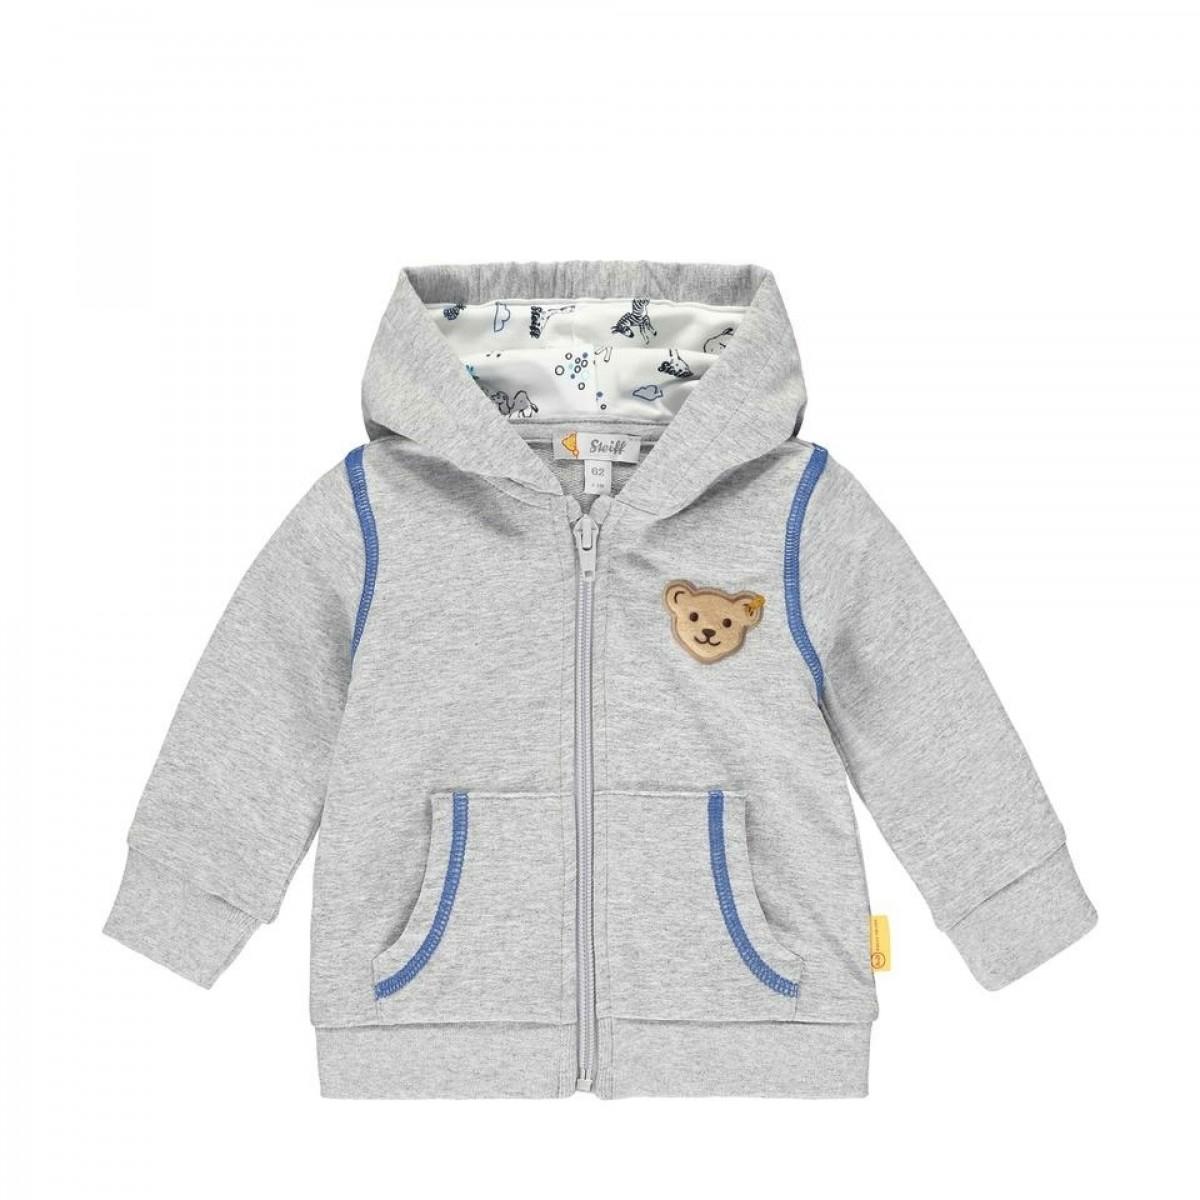 Steiff Baby-Jungen Sweatjacke Sweatshirt